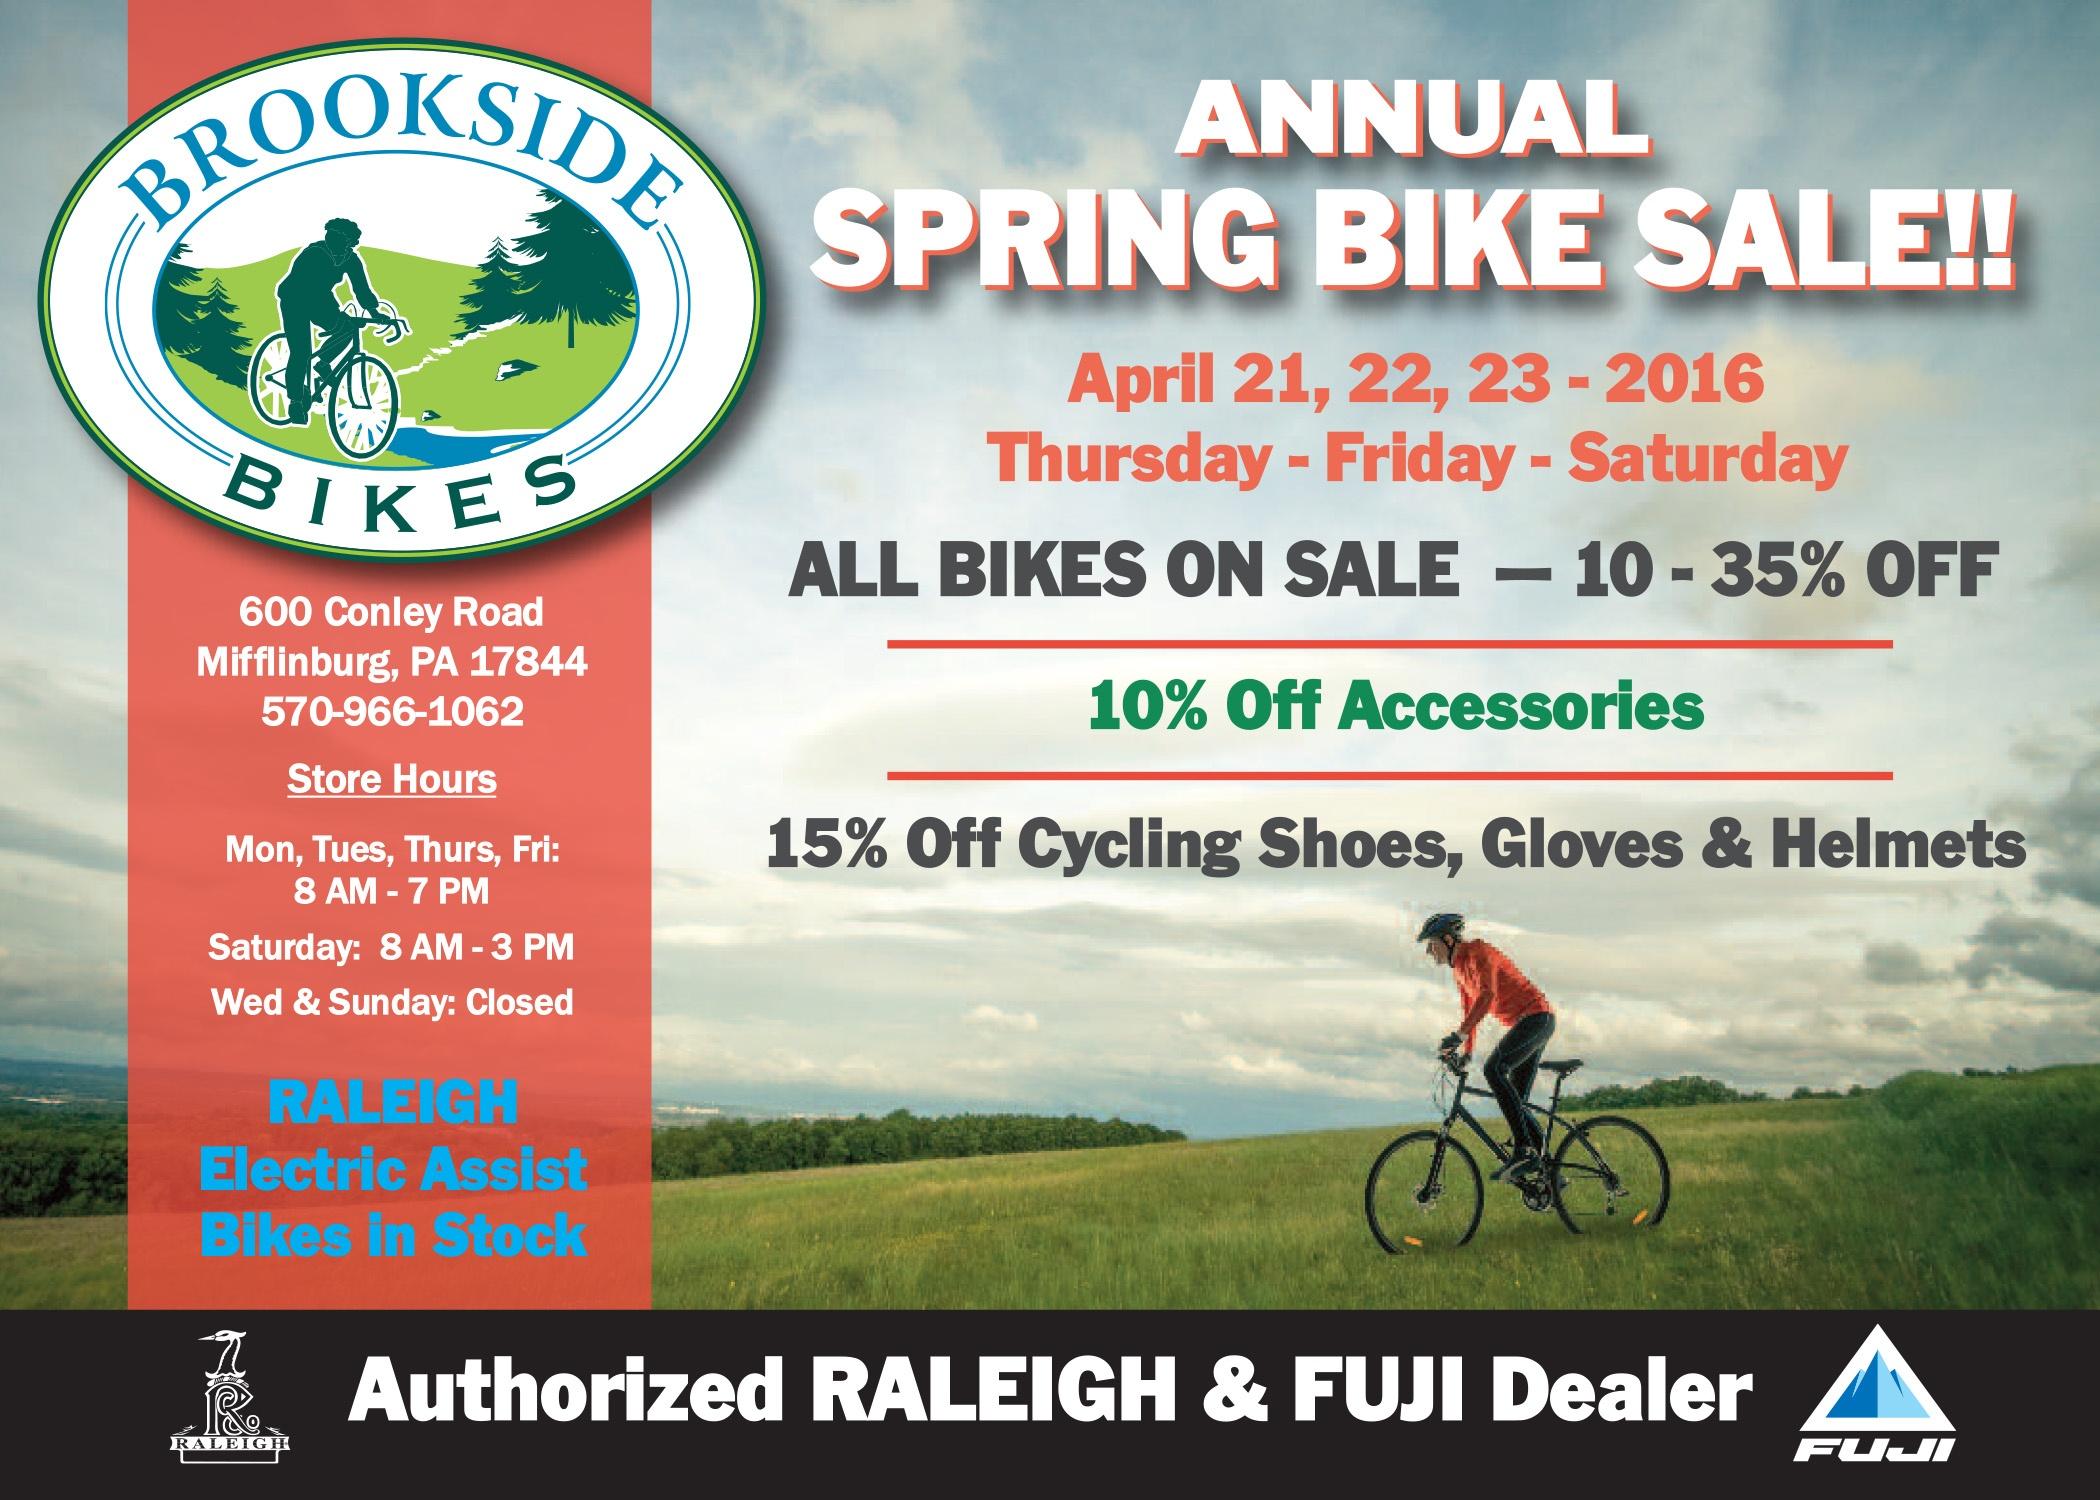 https://0201.nccdn.net/1_2/000/000/0d1/845/Brookside-Bikes-Spring-Mailer-2100x1500.jpg